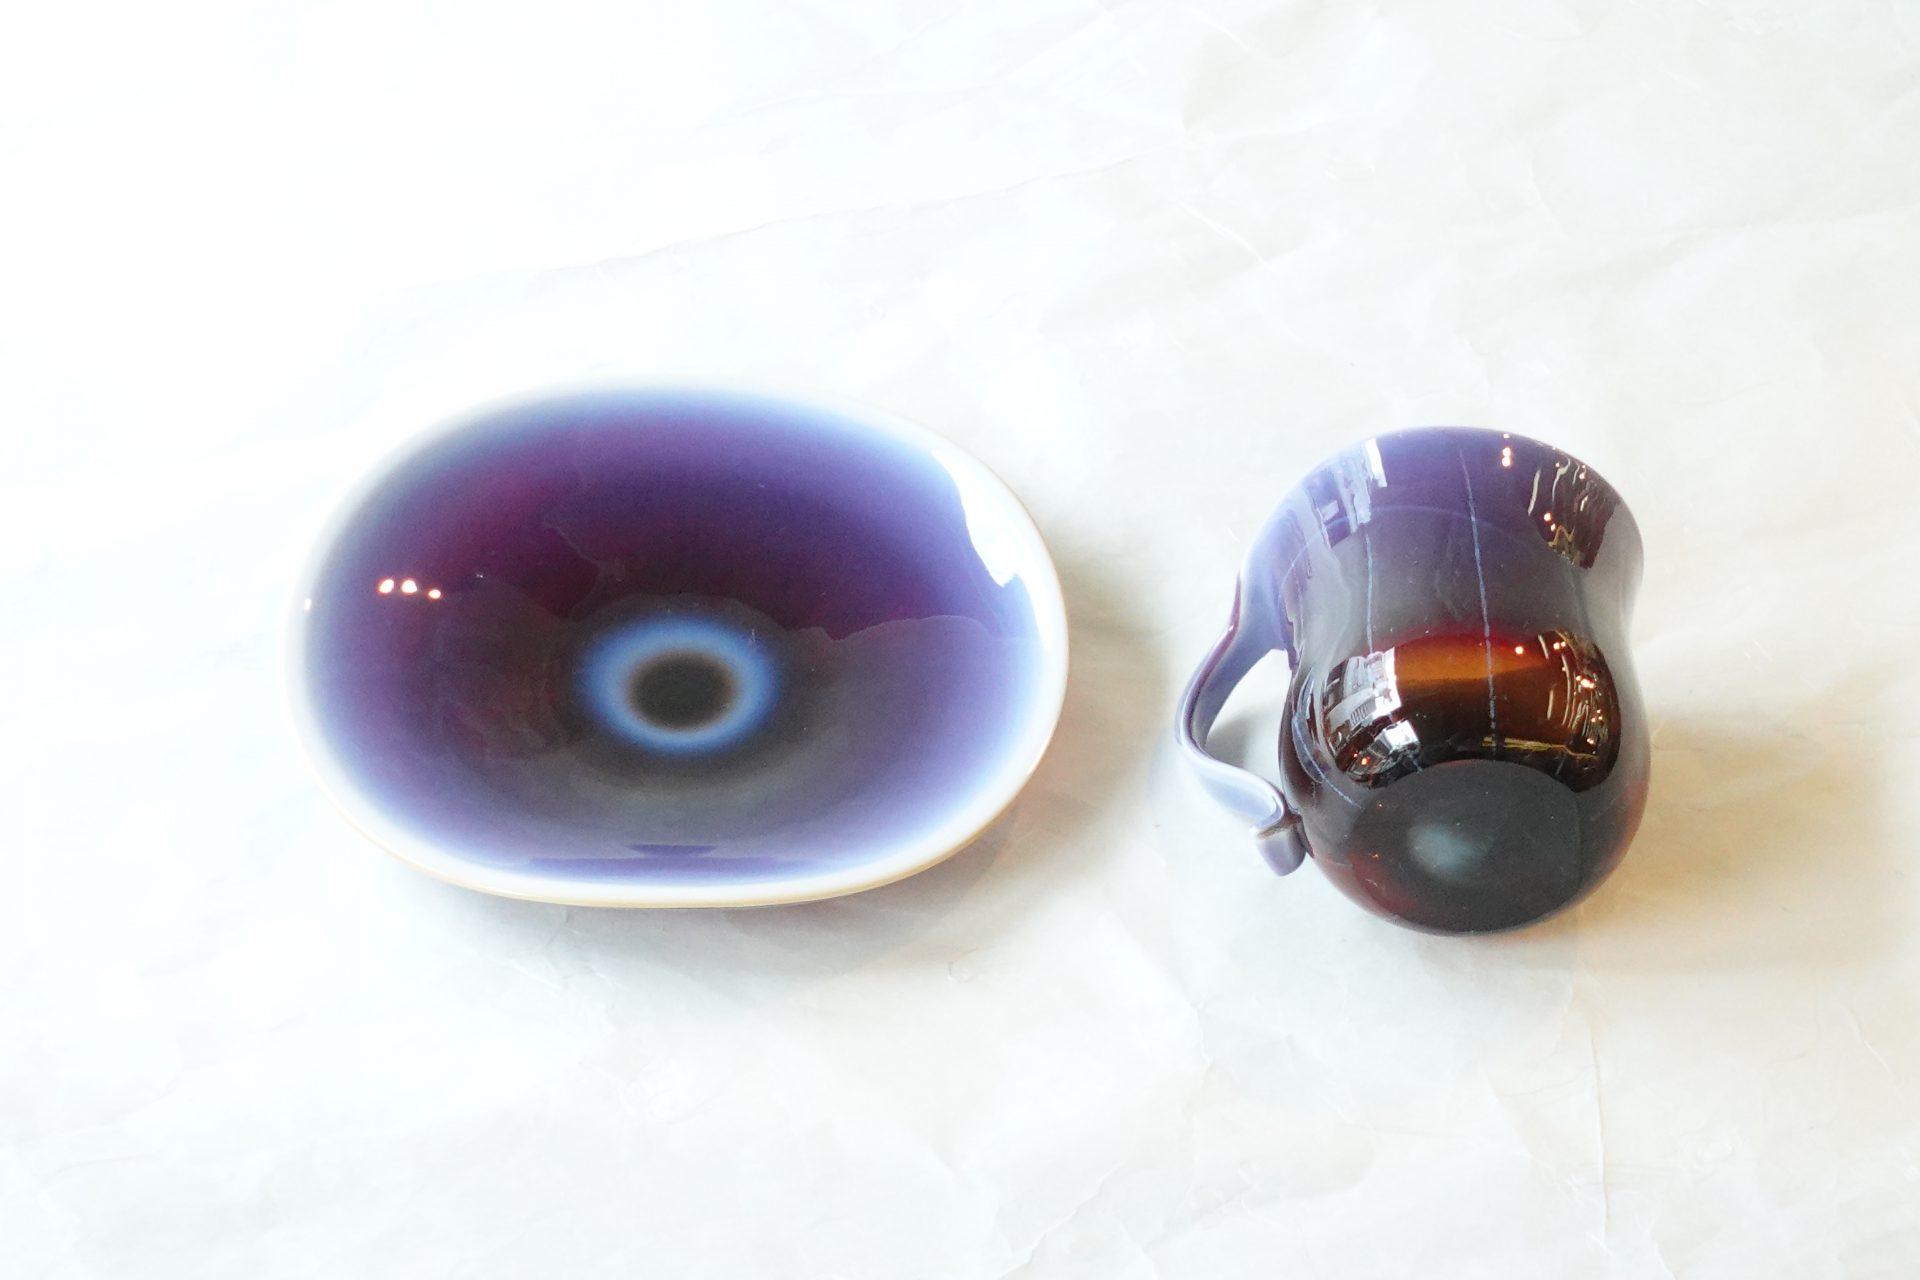 日本製 手作りガラス 耐熱ガラス 窯変 多彩な発色 ベテランの職人さん 高度な技術 紫色 赤紫色 グラデーション ストライプ柄 芸術 美しい 焼成温度が高い 硬い 欠けにくいガラス